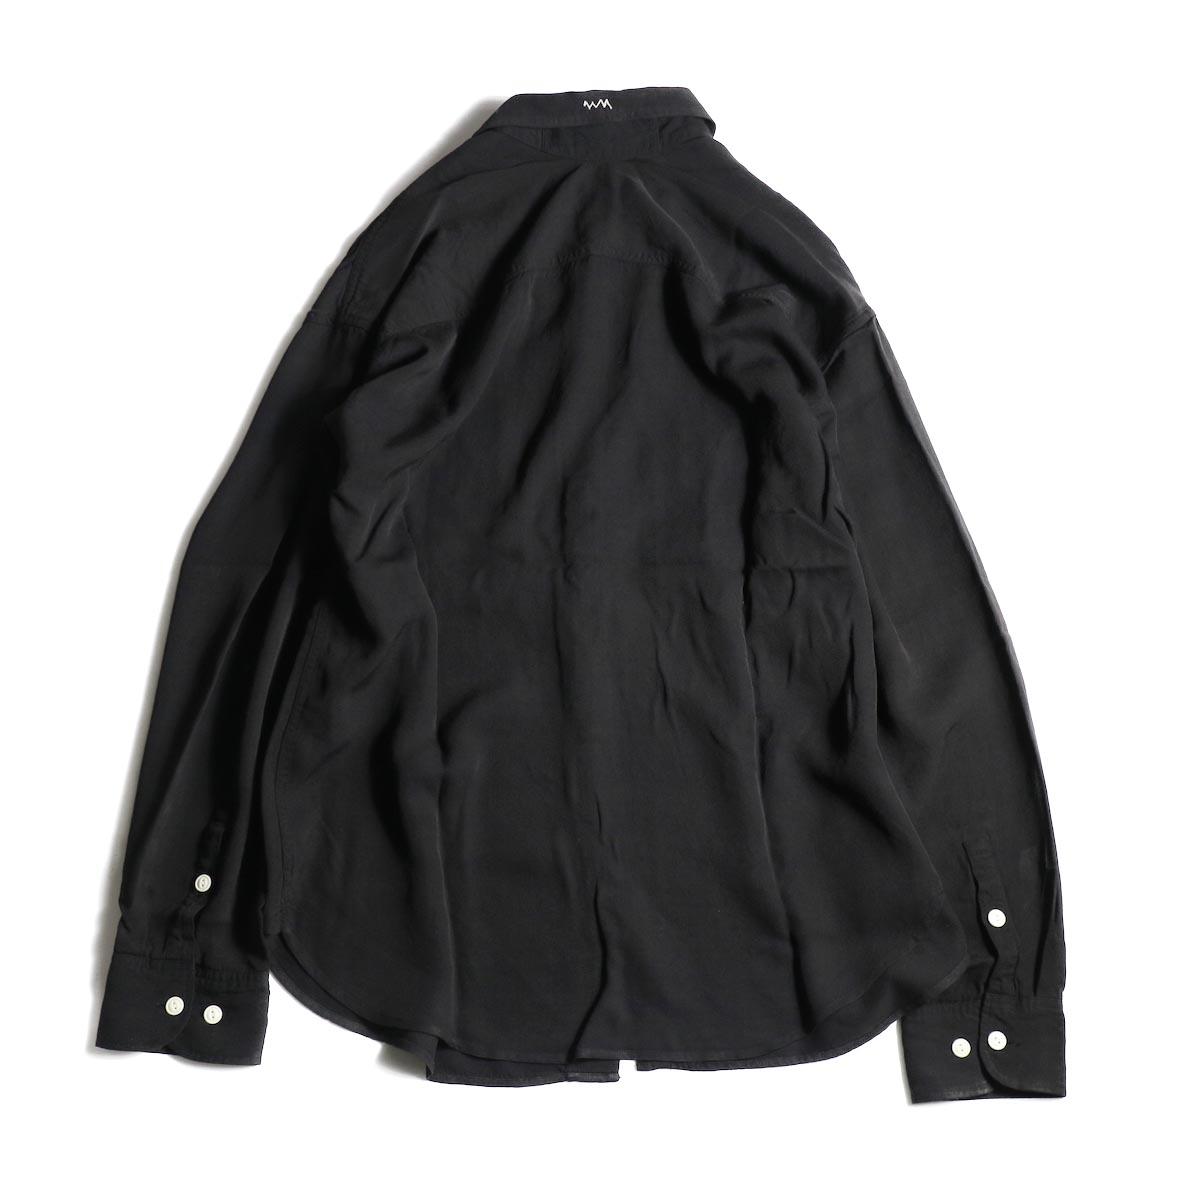 visvim / MAINSAIL SHIRT L/S (RAYON) (Black)背面